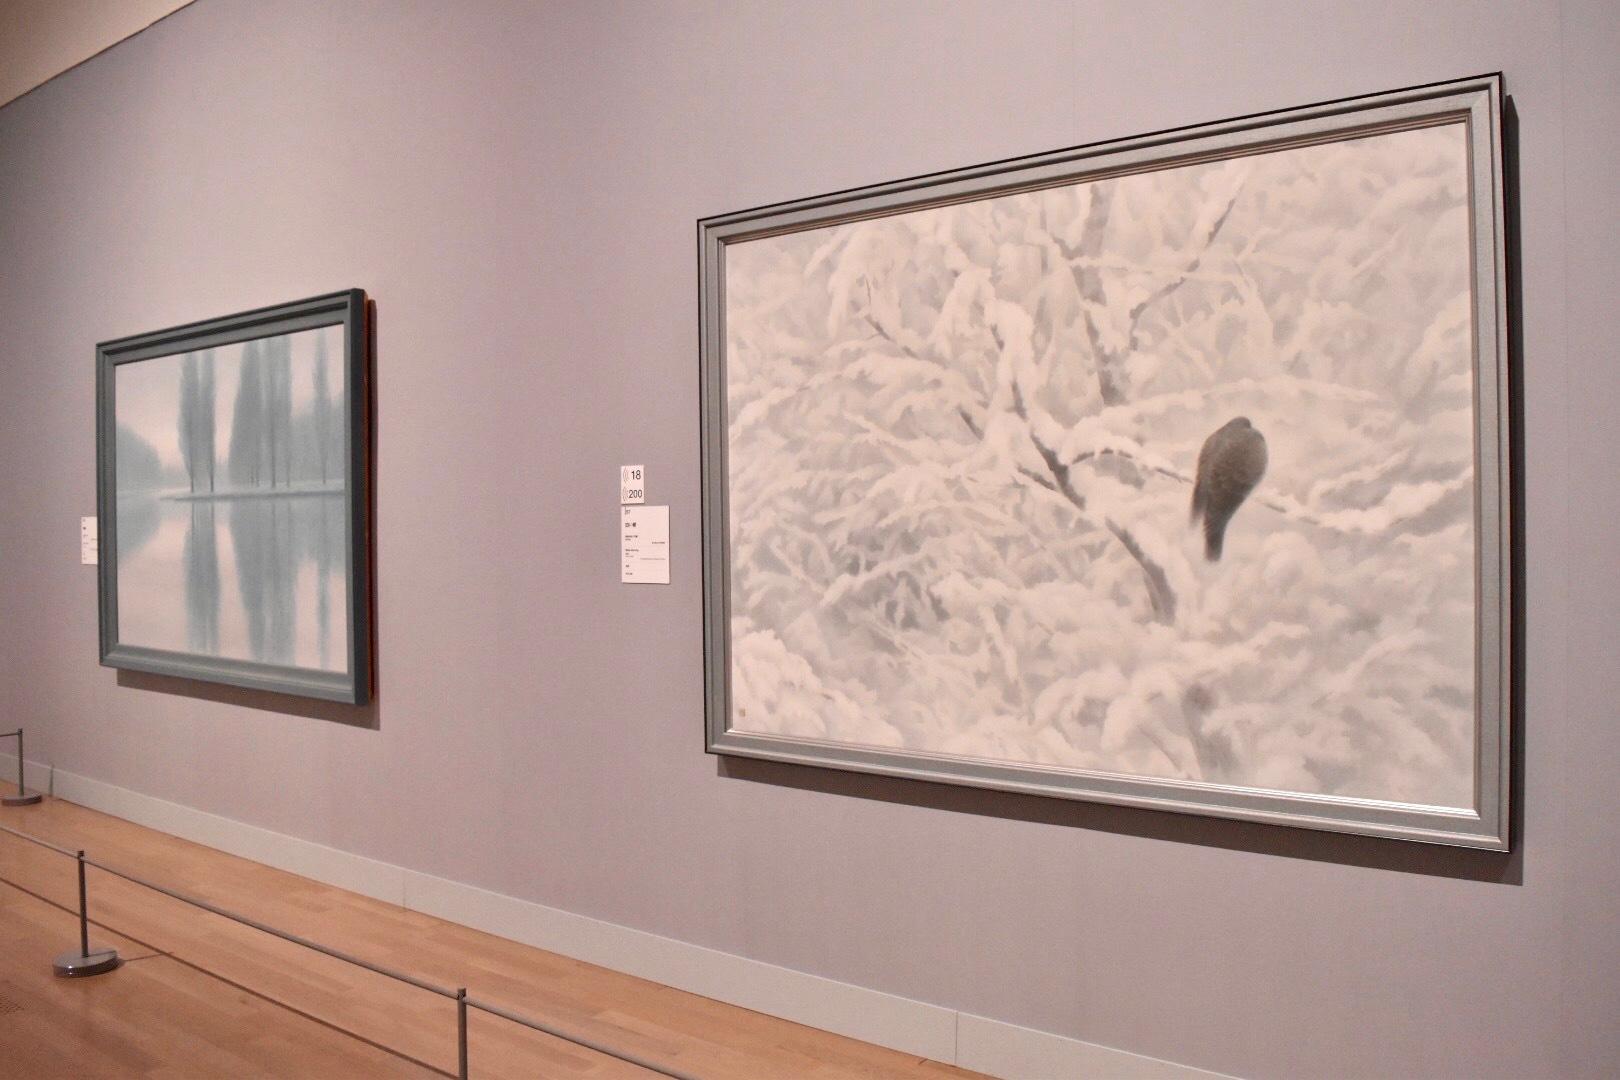 右:《白い朝》 昭和55年 東京国立近代美術館蔵 左奥:《静唱》 昭和56年 長野県信濃美術館 東山魁夷館蔵